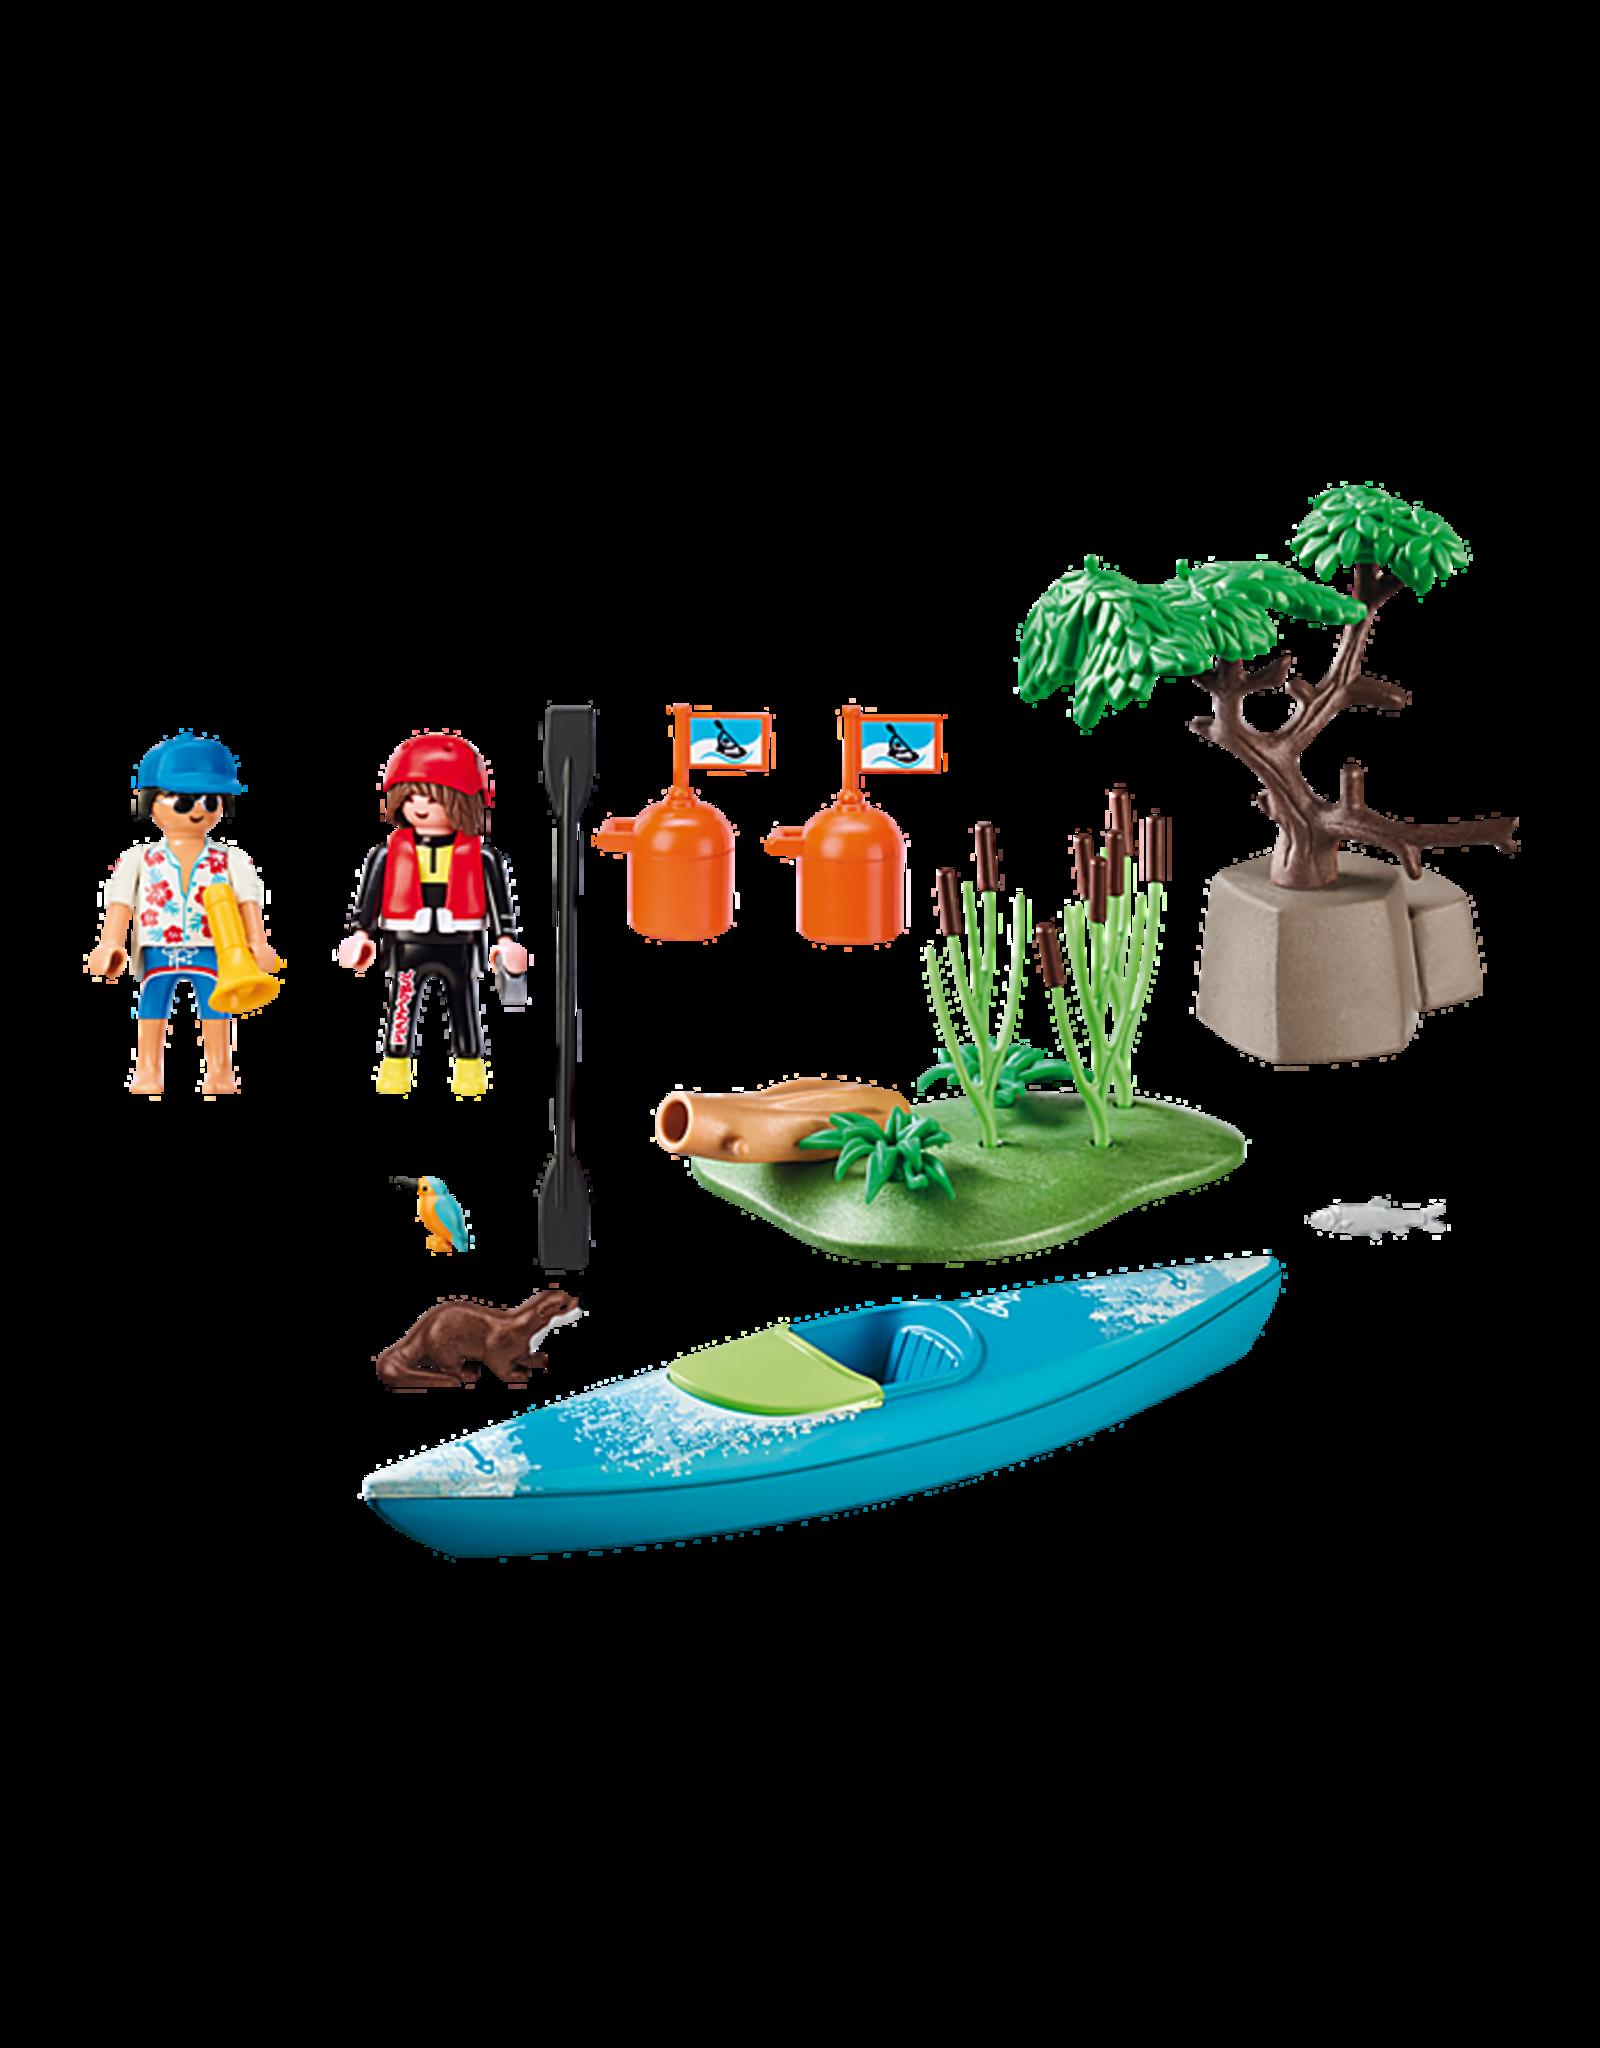 Playmobil Kayak Adventure